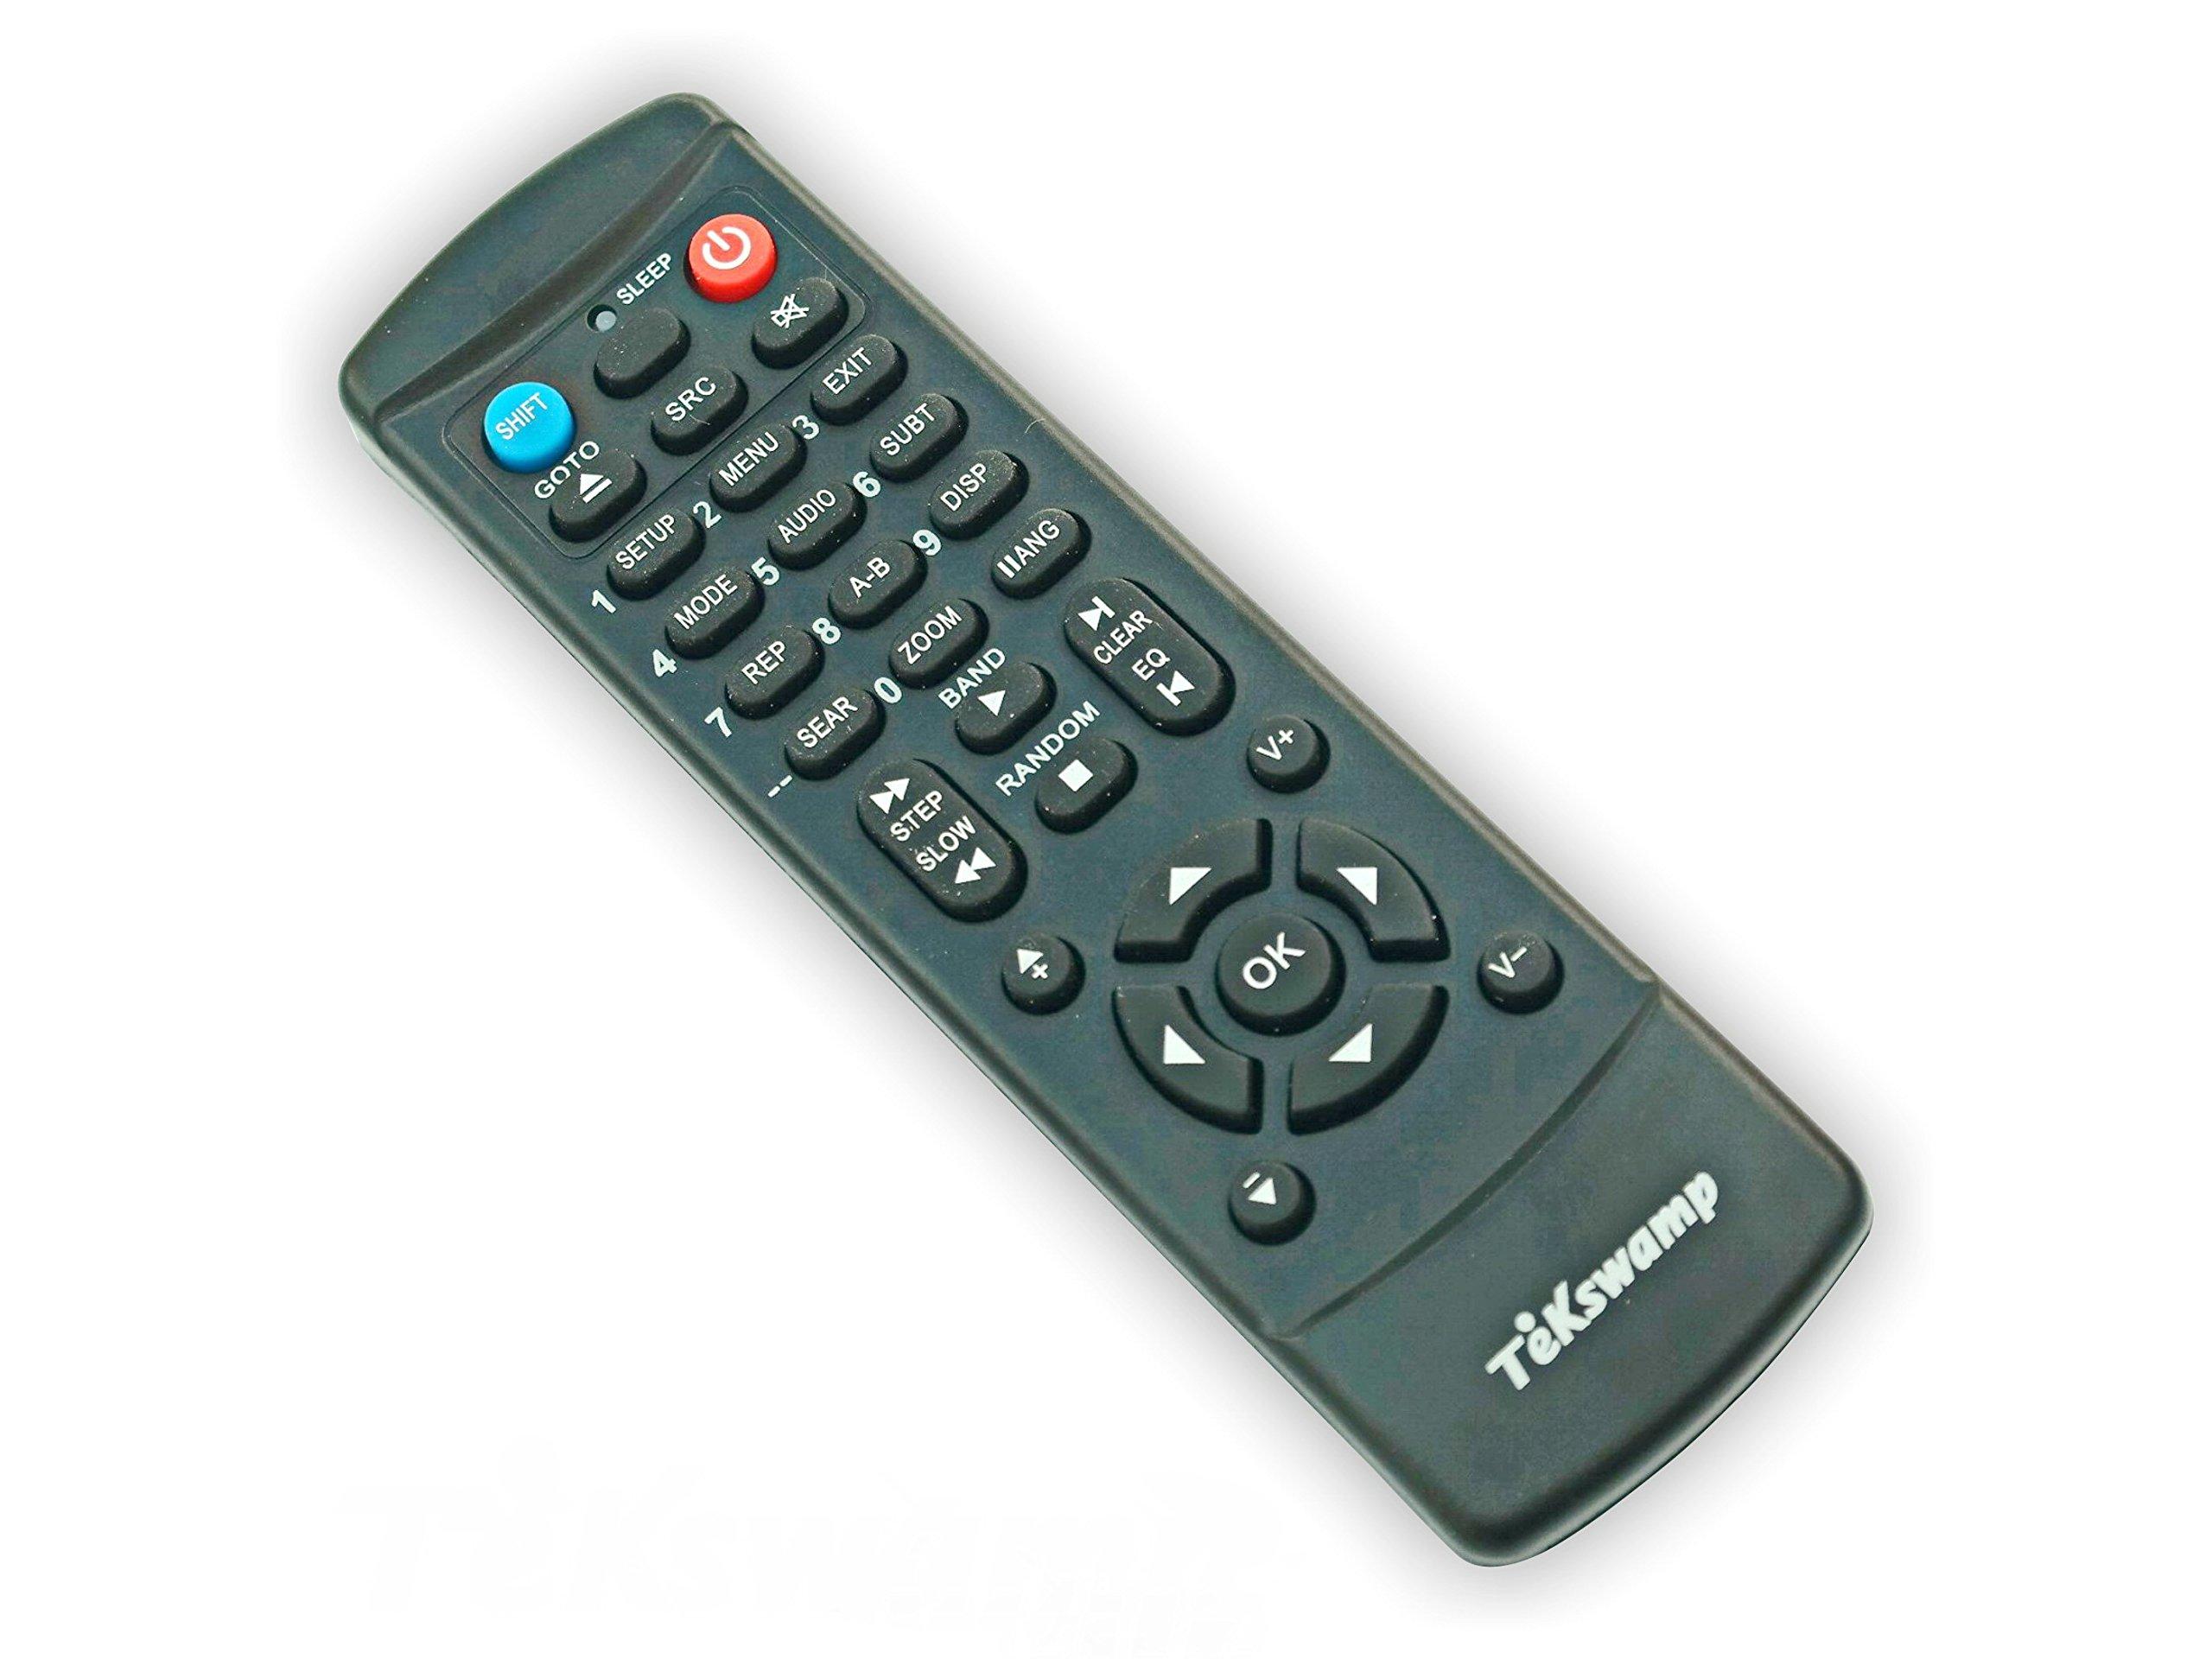 Remote Control for Bose SoundLink by Tekswamp by Tekswamp (Image #4)